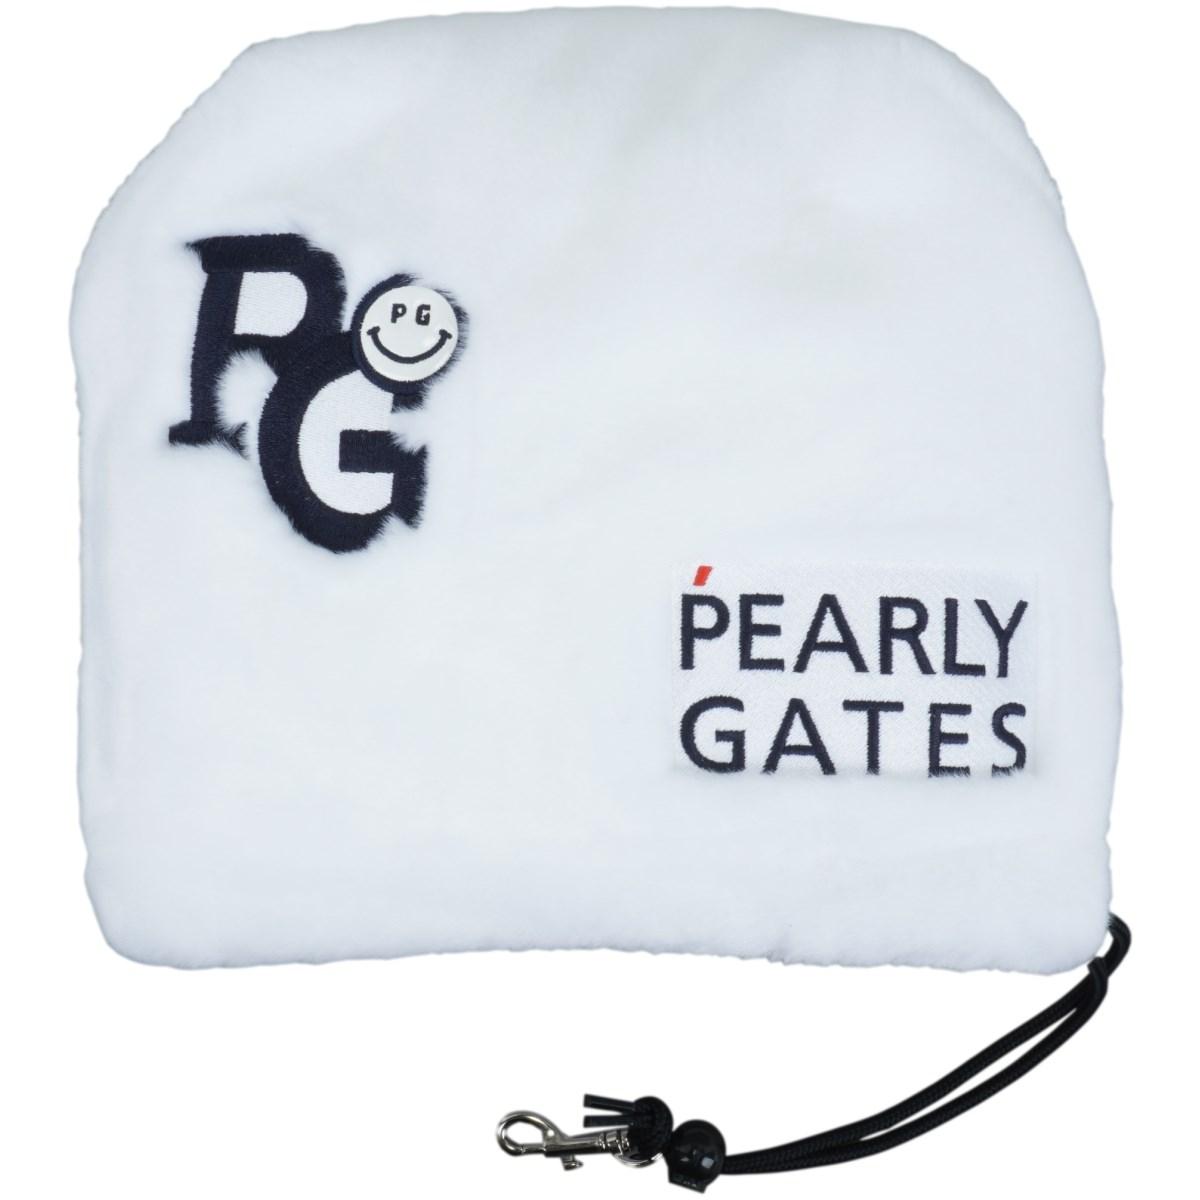 [定番モデル] パーリーゲイツ PEARLY GATES ボア アイアンカバー ホワイト 030 メンズ ゴルフ